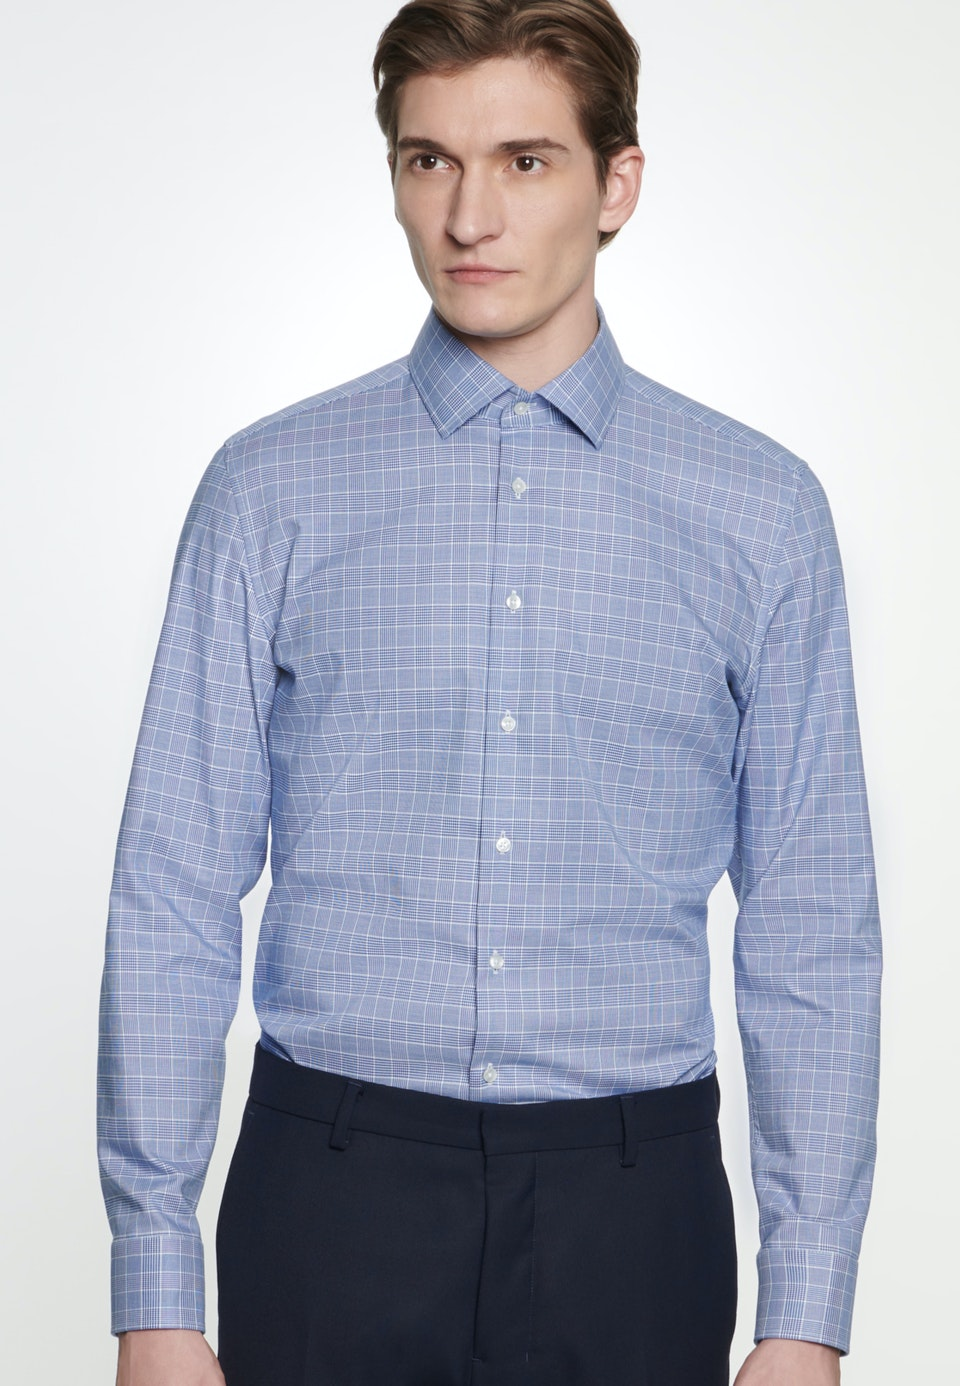 Bügelleichtes Glencheck Business Hemd in Shaped mit Kentkragen in Mittelblau |  Seidensticker Onlineshop